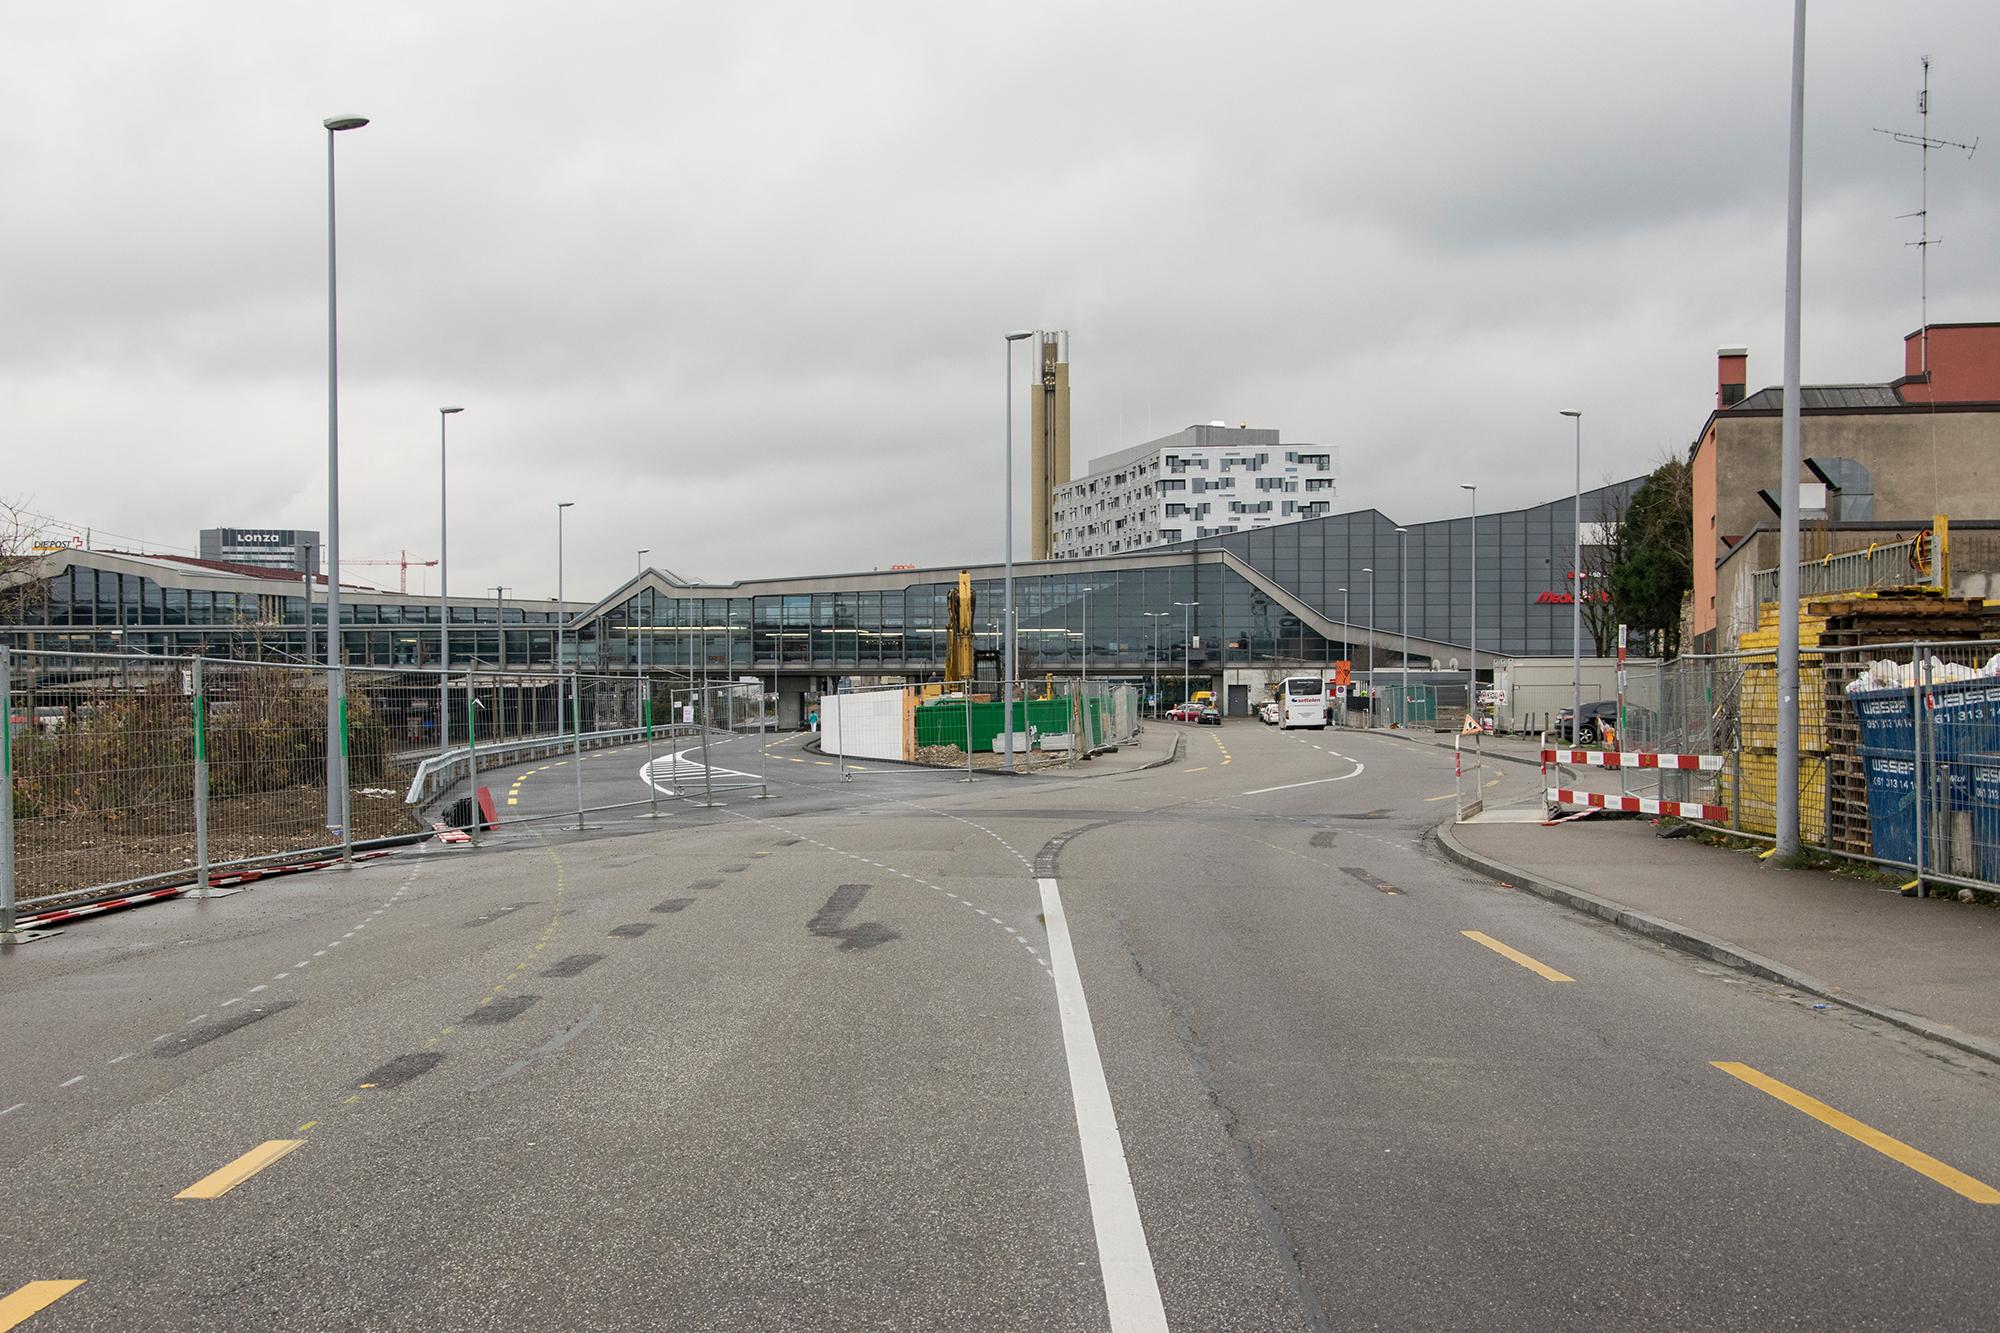 Zweigeteilt: Ab Freitag wird die provisorische Meret-Oppenheim-Strasse (links) befahren. Der Platz der bisherigen Strasse wird für die Bauarbeiten benötigt